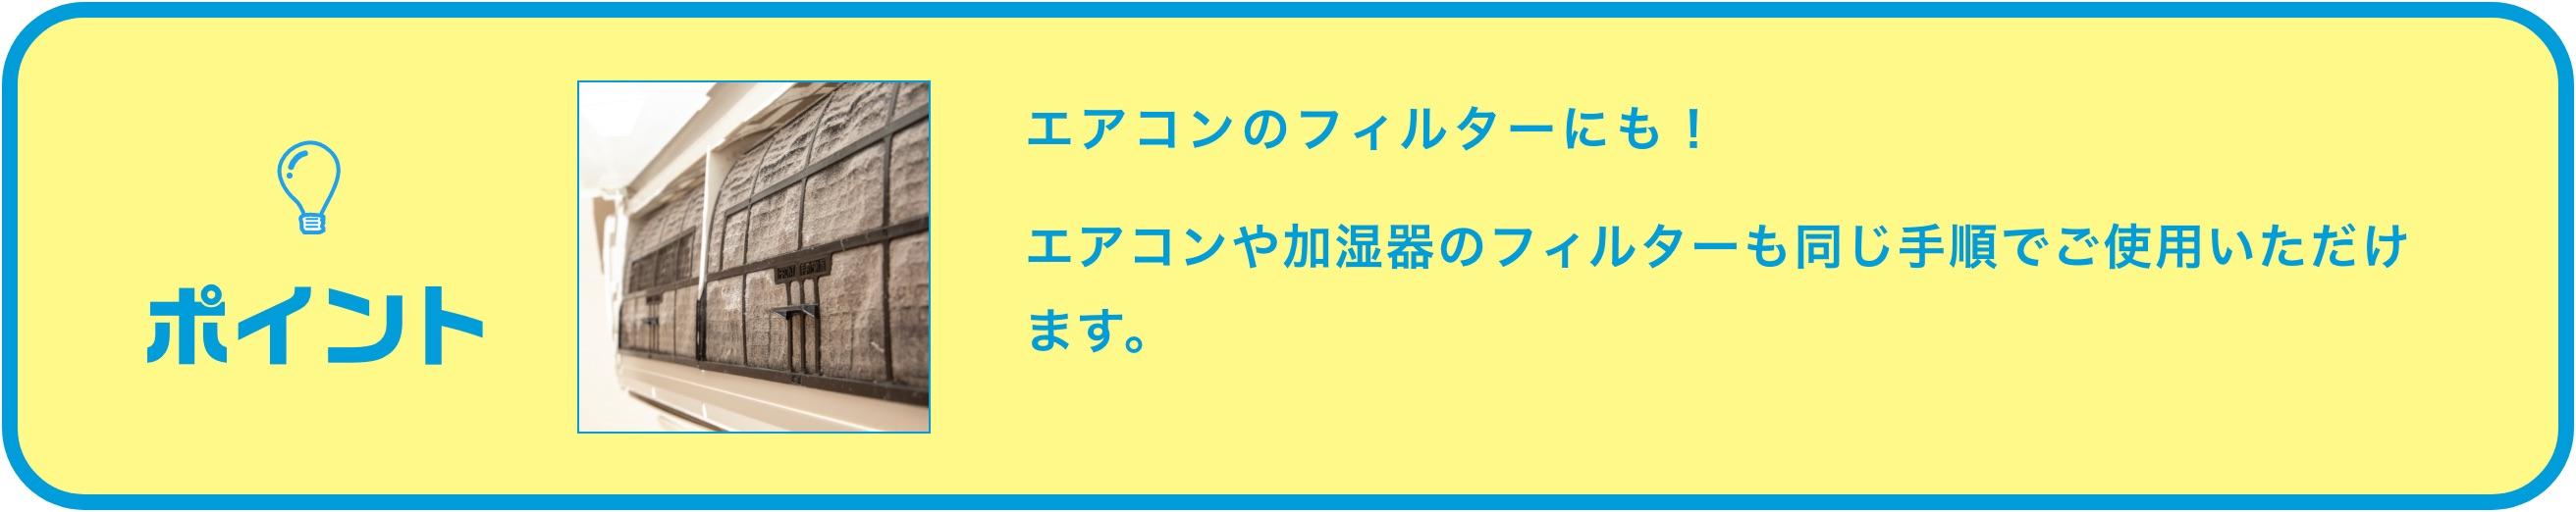 ポイント:エアコンのフィルターにも!エアコンや加湿器のフィルターも同じ手順でご使用いただけます。